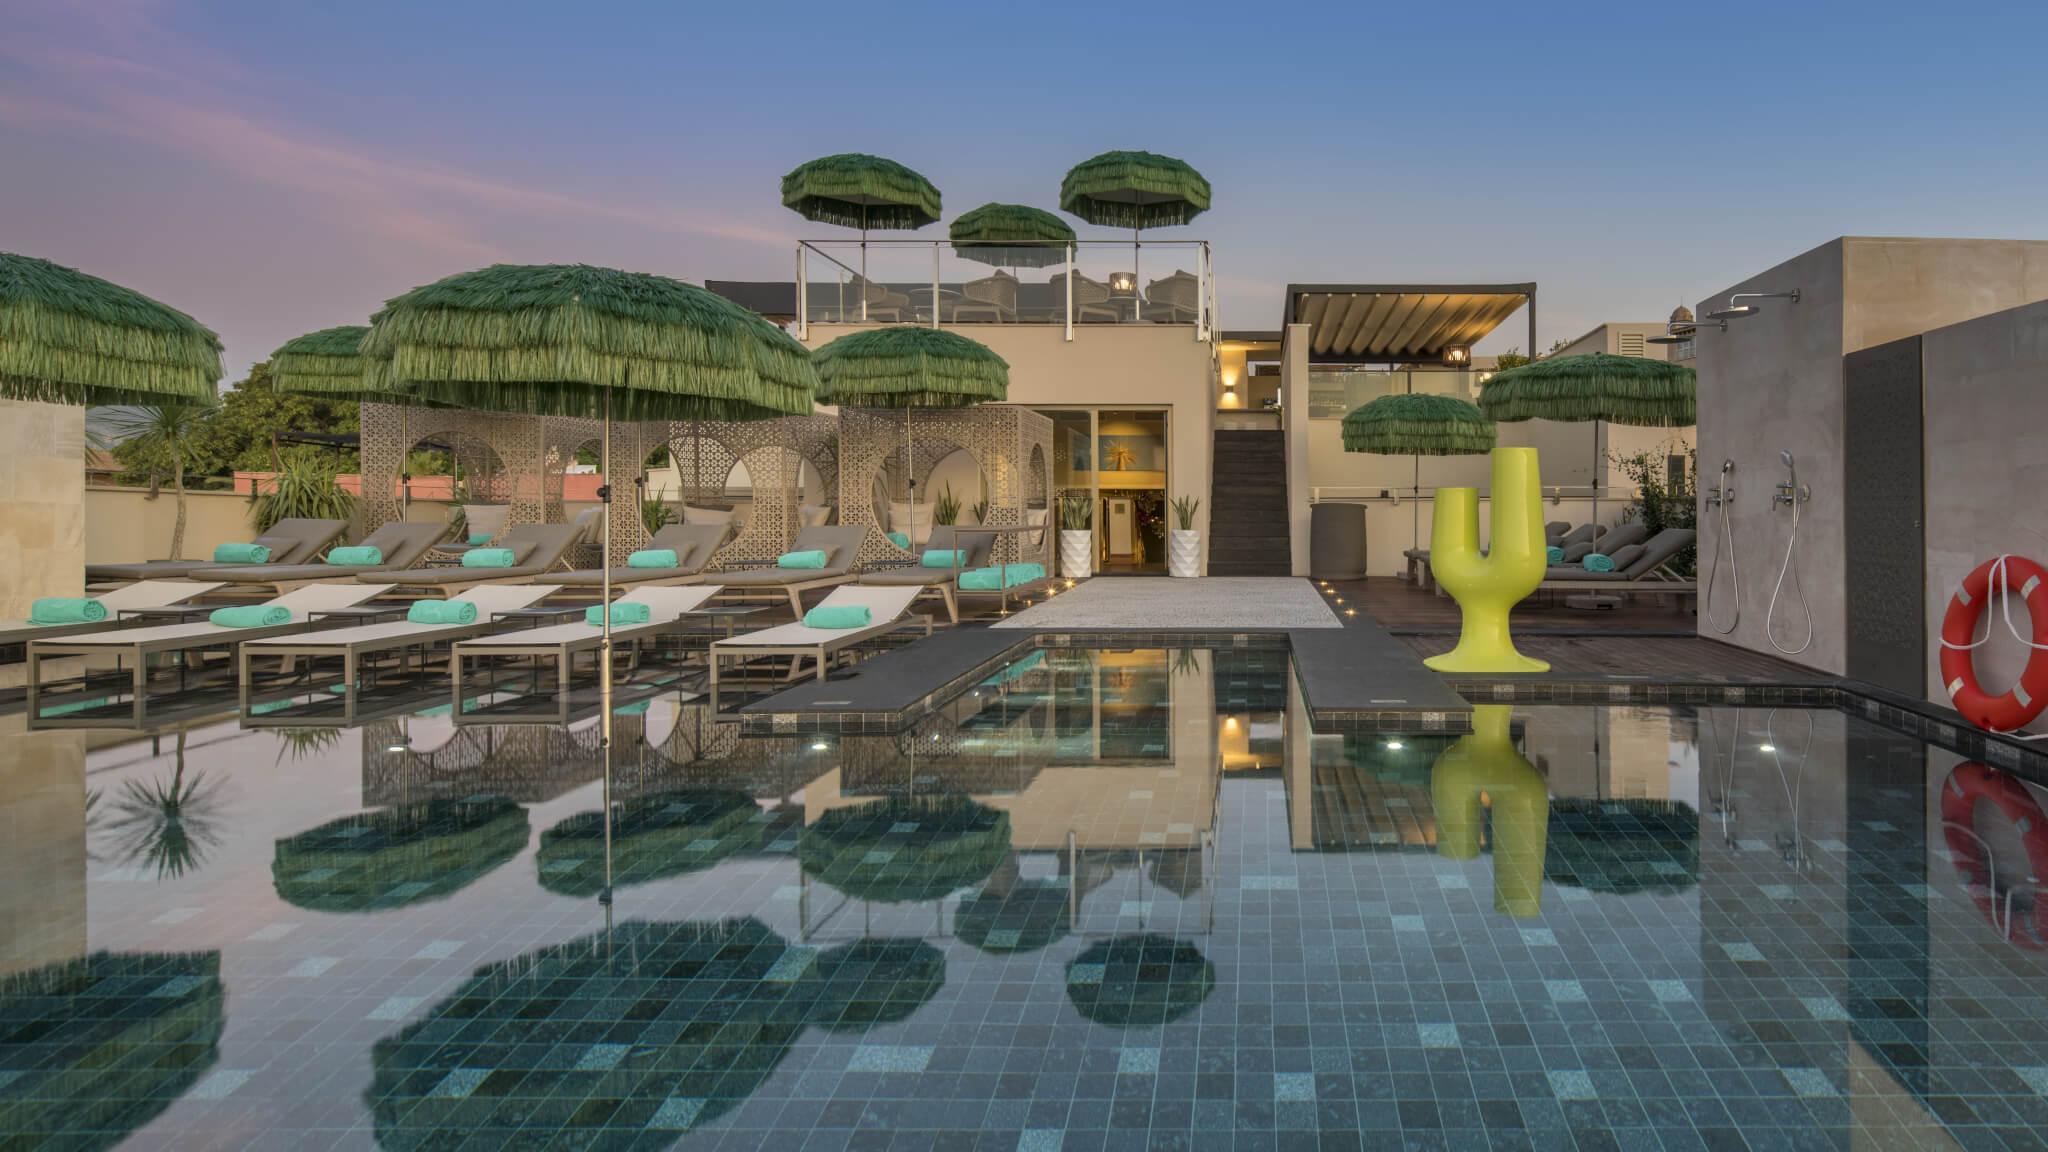 El Llorenç, a new boutique hotel opens in Palma de Mallorca